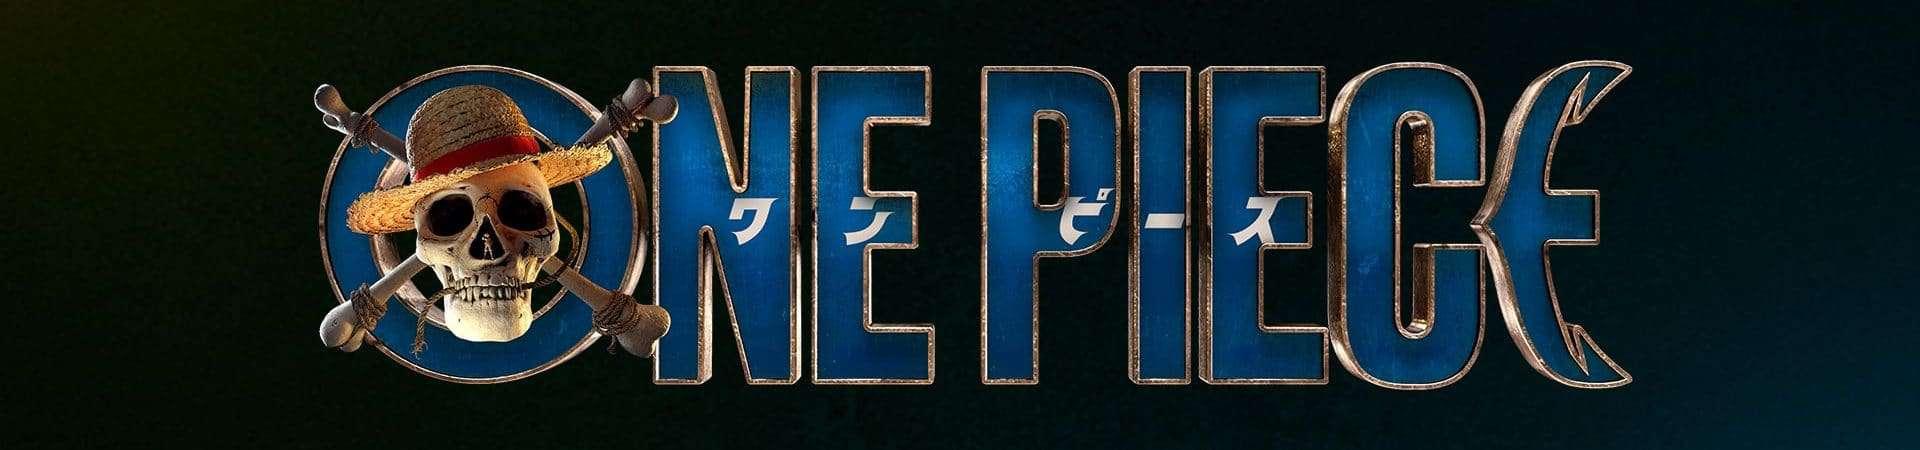 One Piece: Netflix revela logo da série live action e título do episódio  piloto